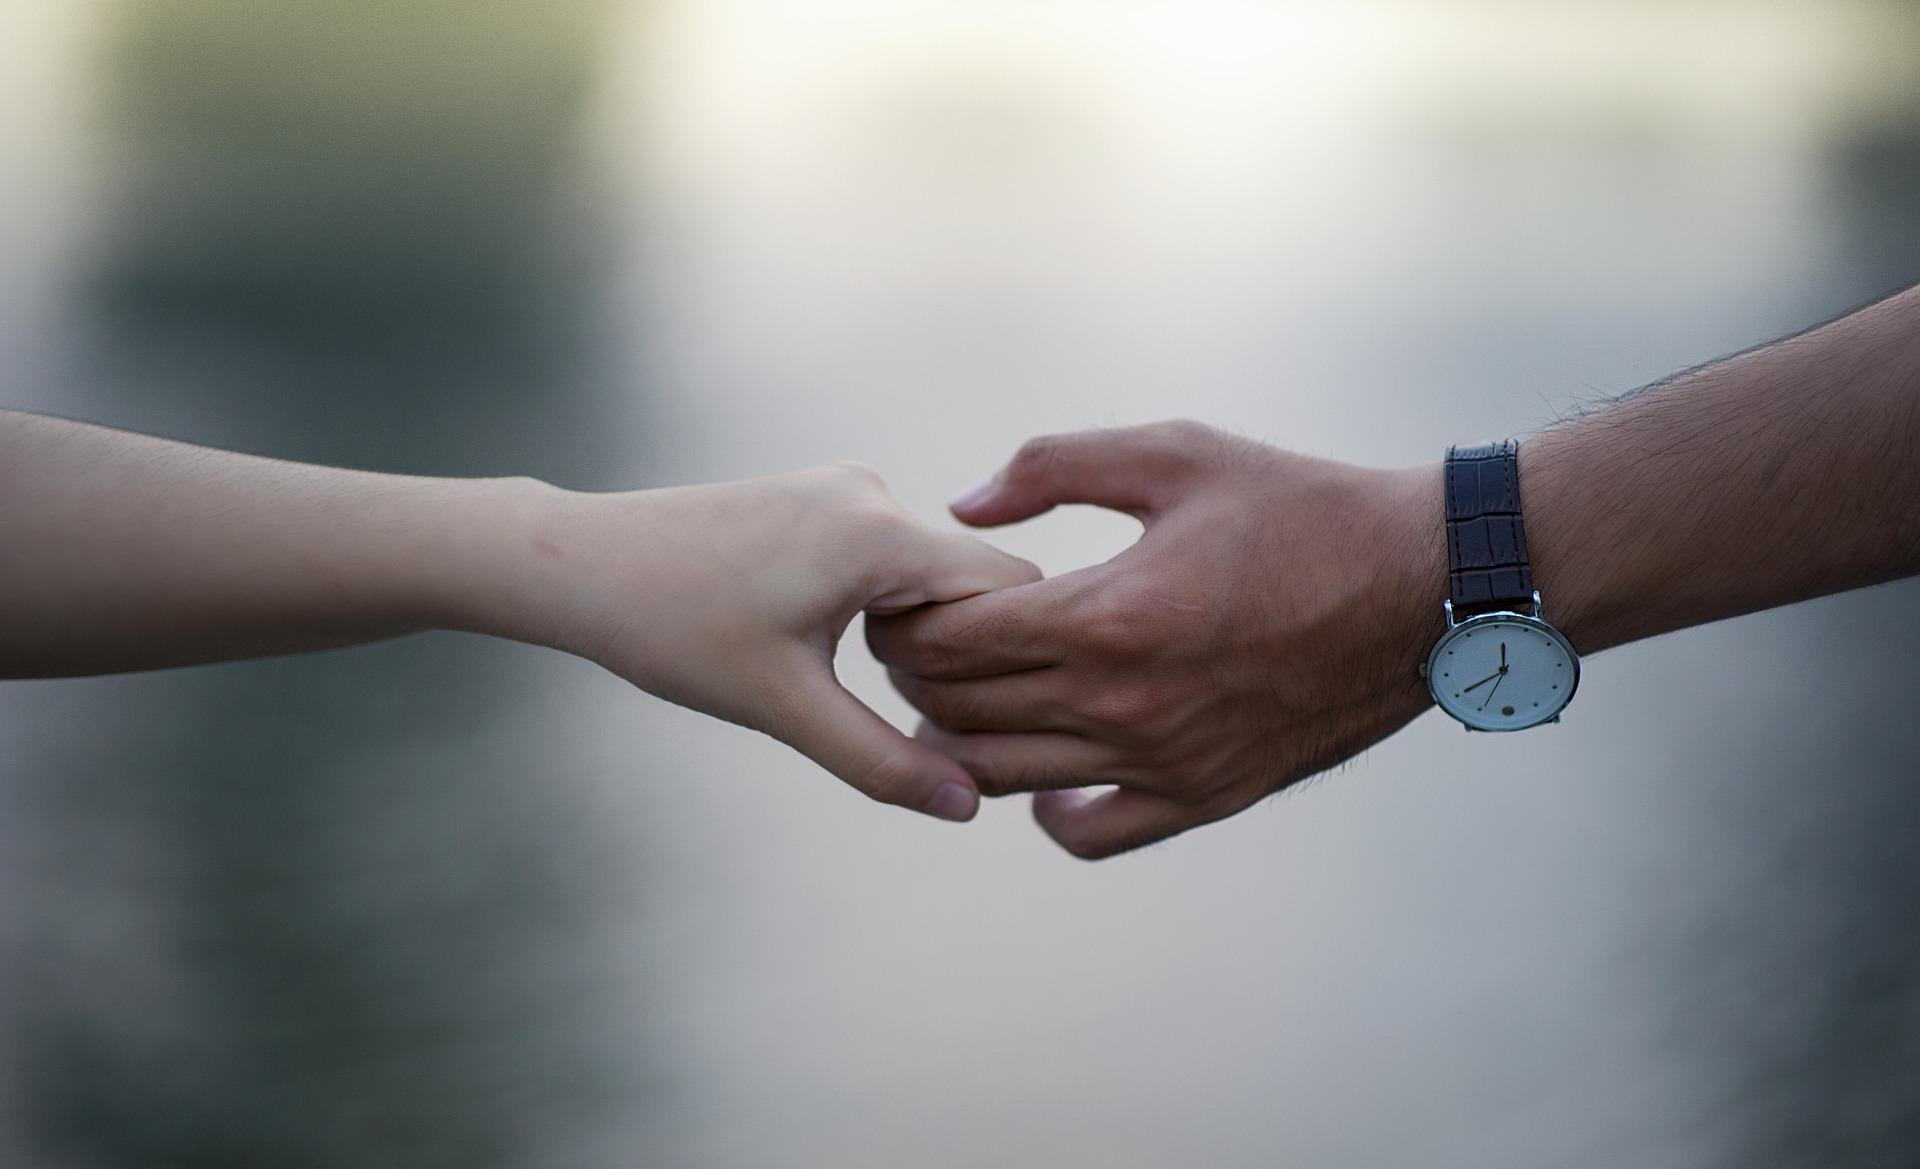 A feldolgozás célja az, hogy képesek legyünk felelősséget hozni önmagunkért és meghozni azokat a - gyakran nehéz - döntéseket, amelyek jóllétünket szolgálják. -